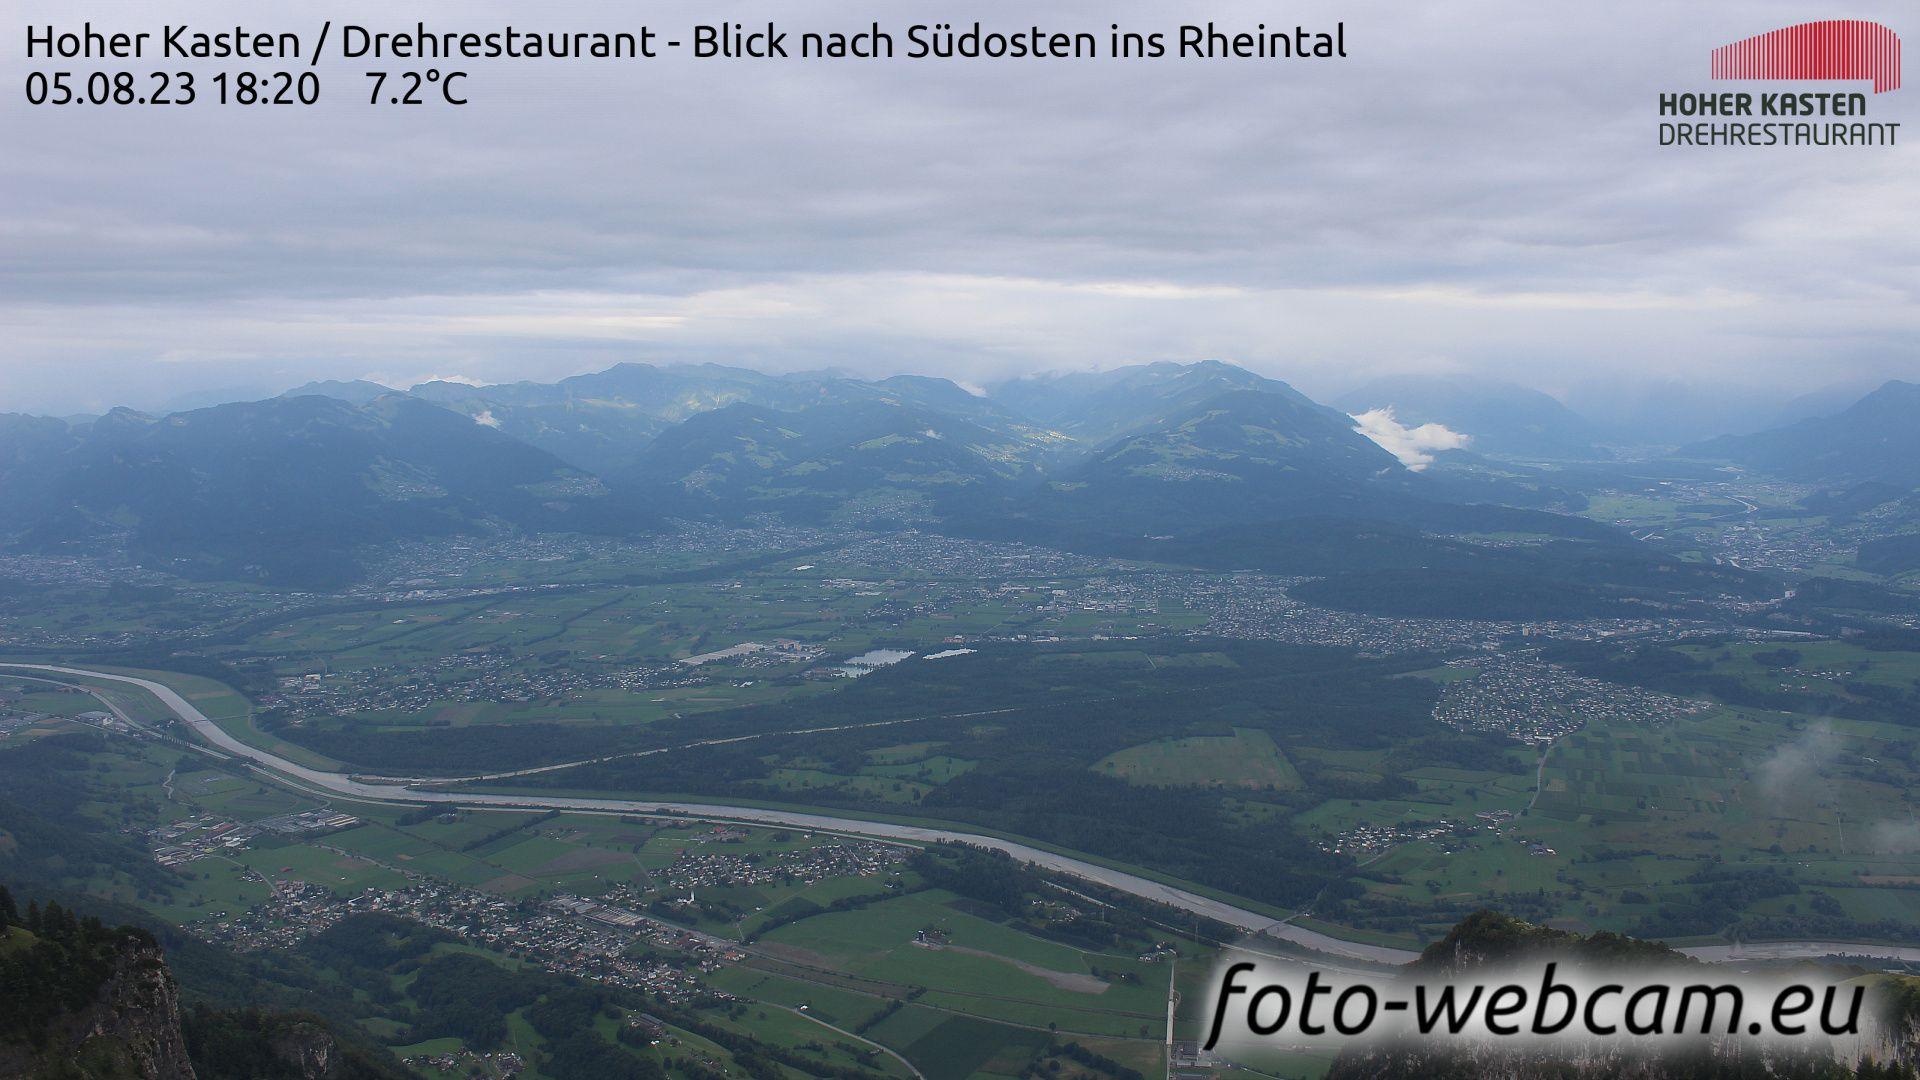 Rüte: Drehrestaurant Hoher Kasten - Rheintal